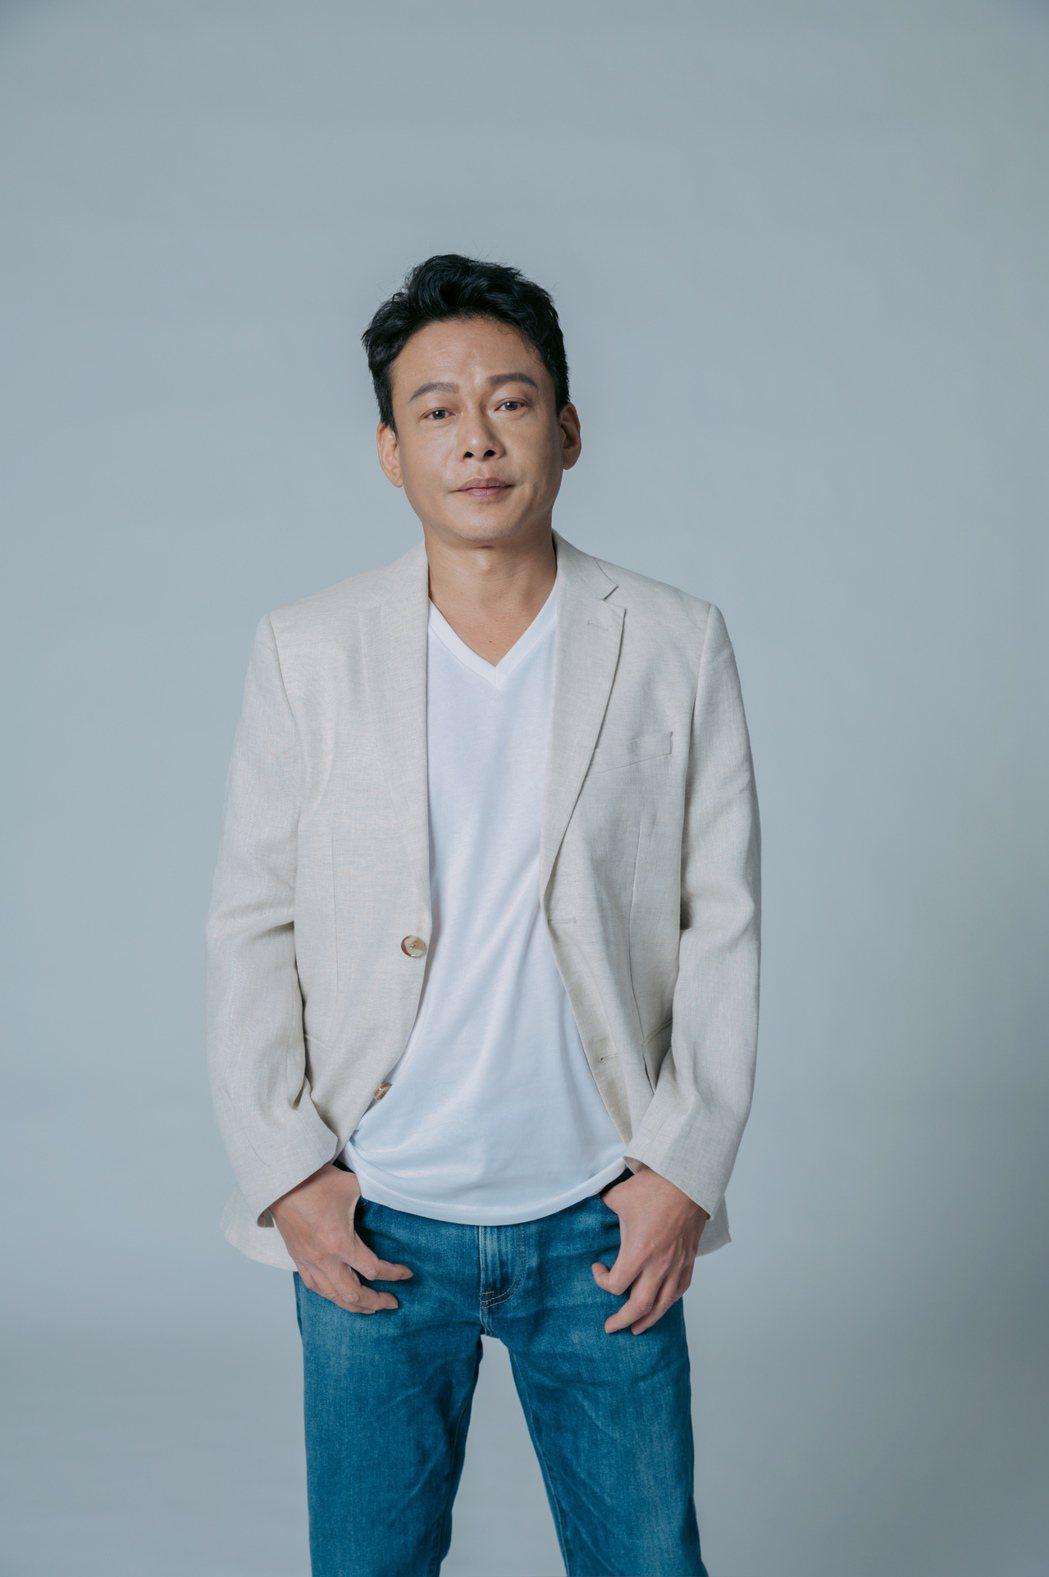 金馬影帝李康生擔任「2021臺北勞動影像嘉年華」代言人。圖/電影戲劇業職業工會提